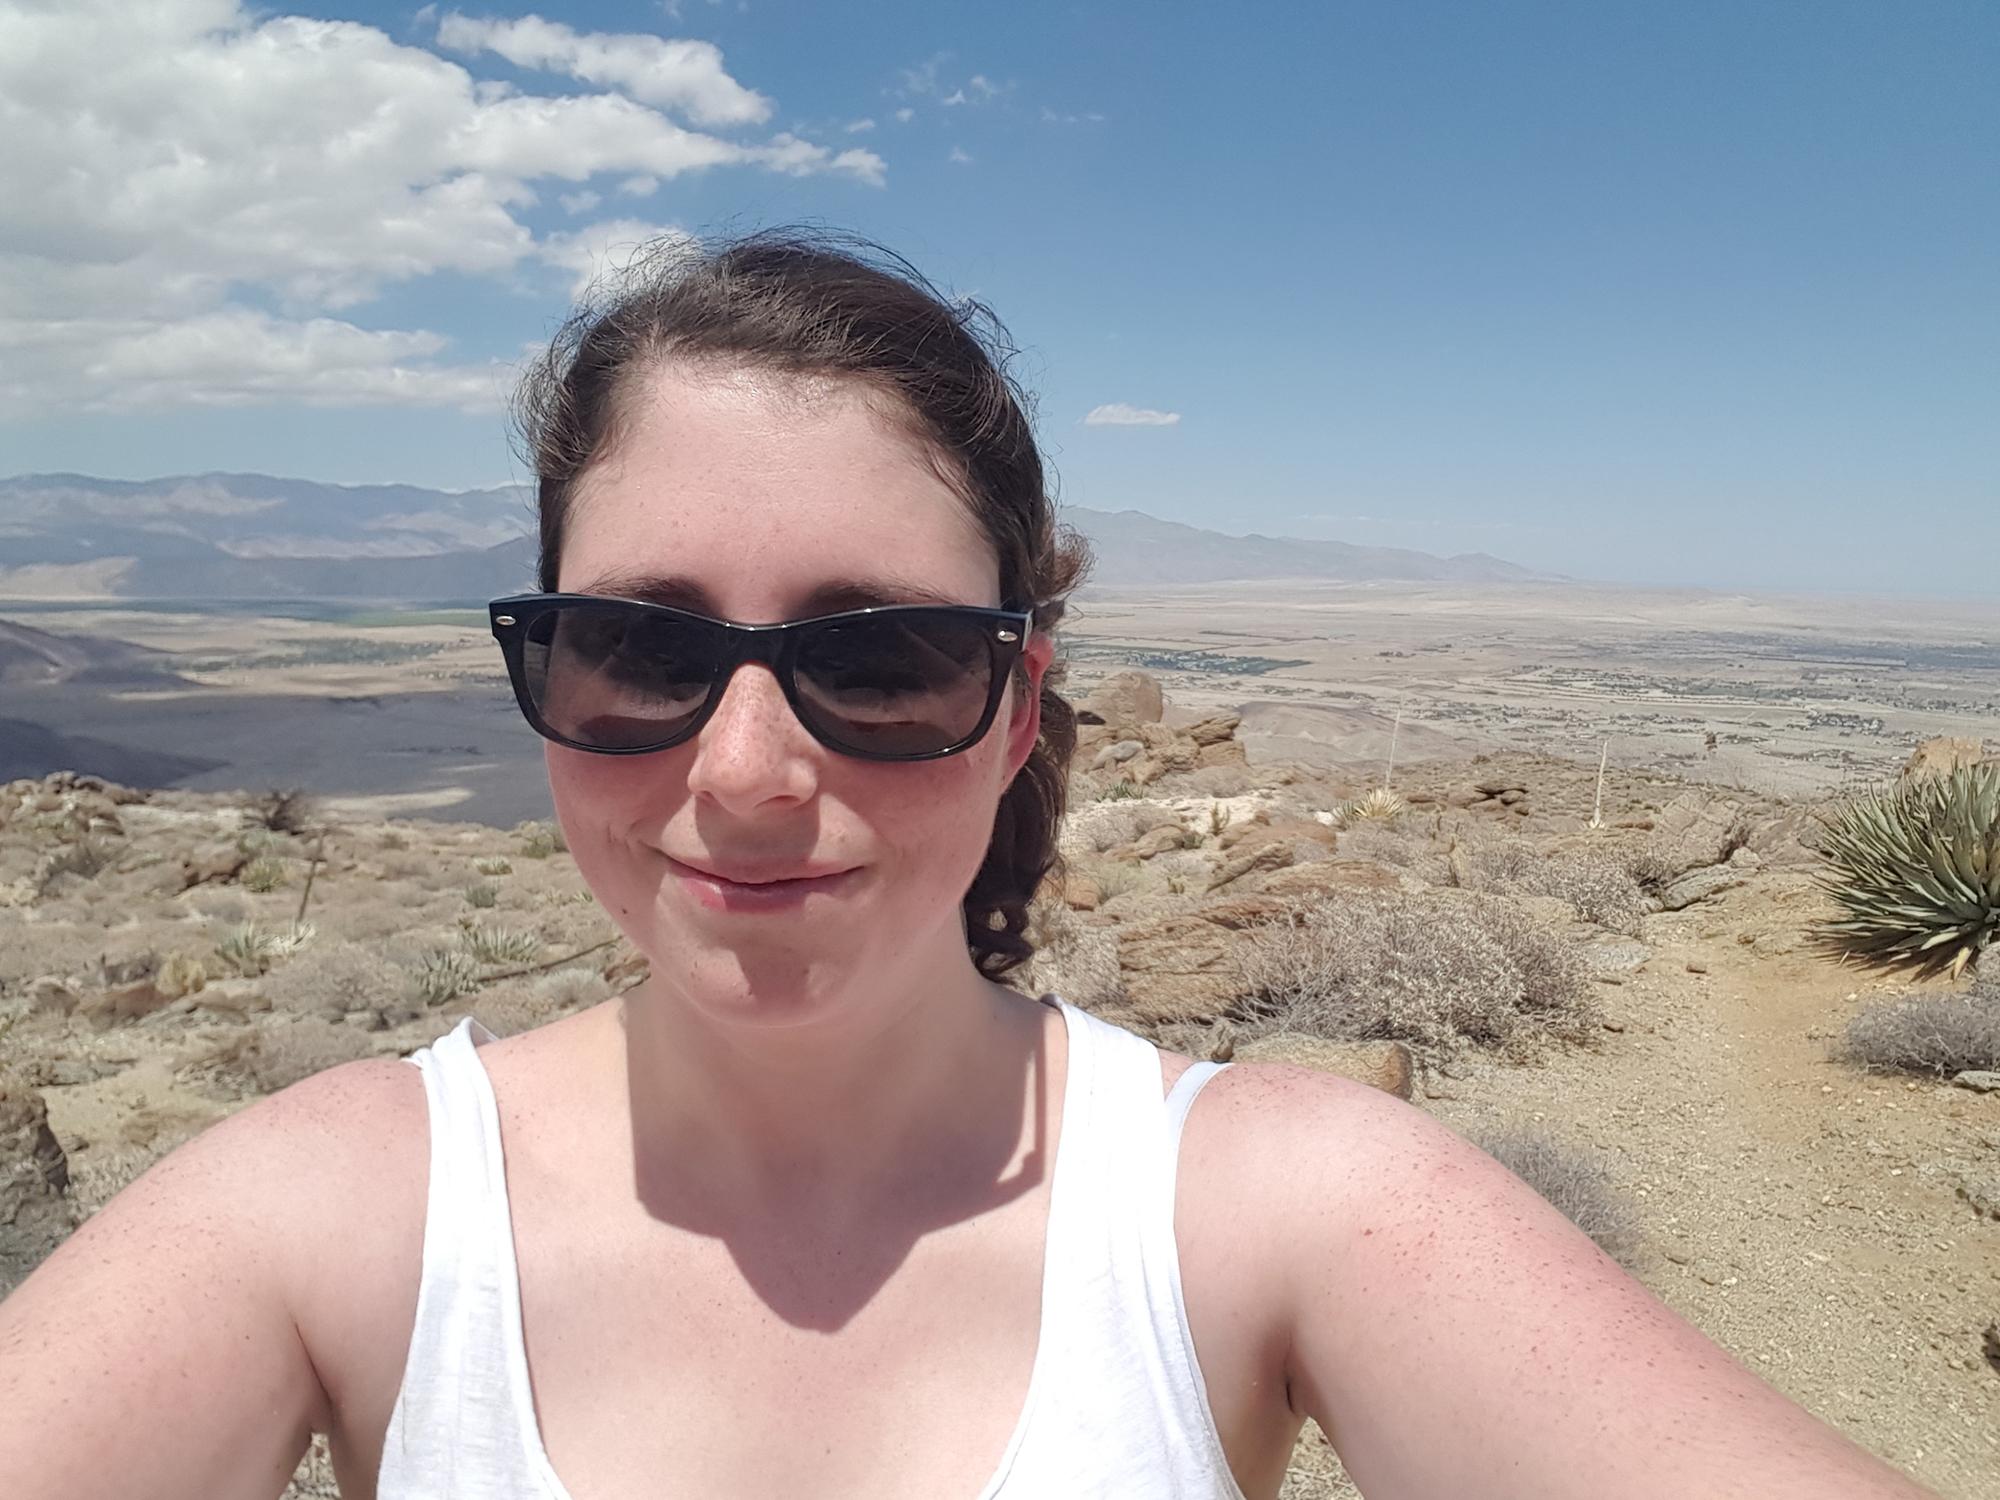 On ne le voit pas tout au fond à droite, il y a la Salton Sea, un lac salé en plein désert.